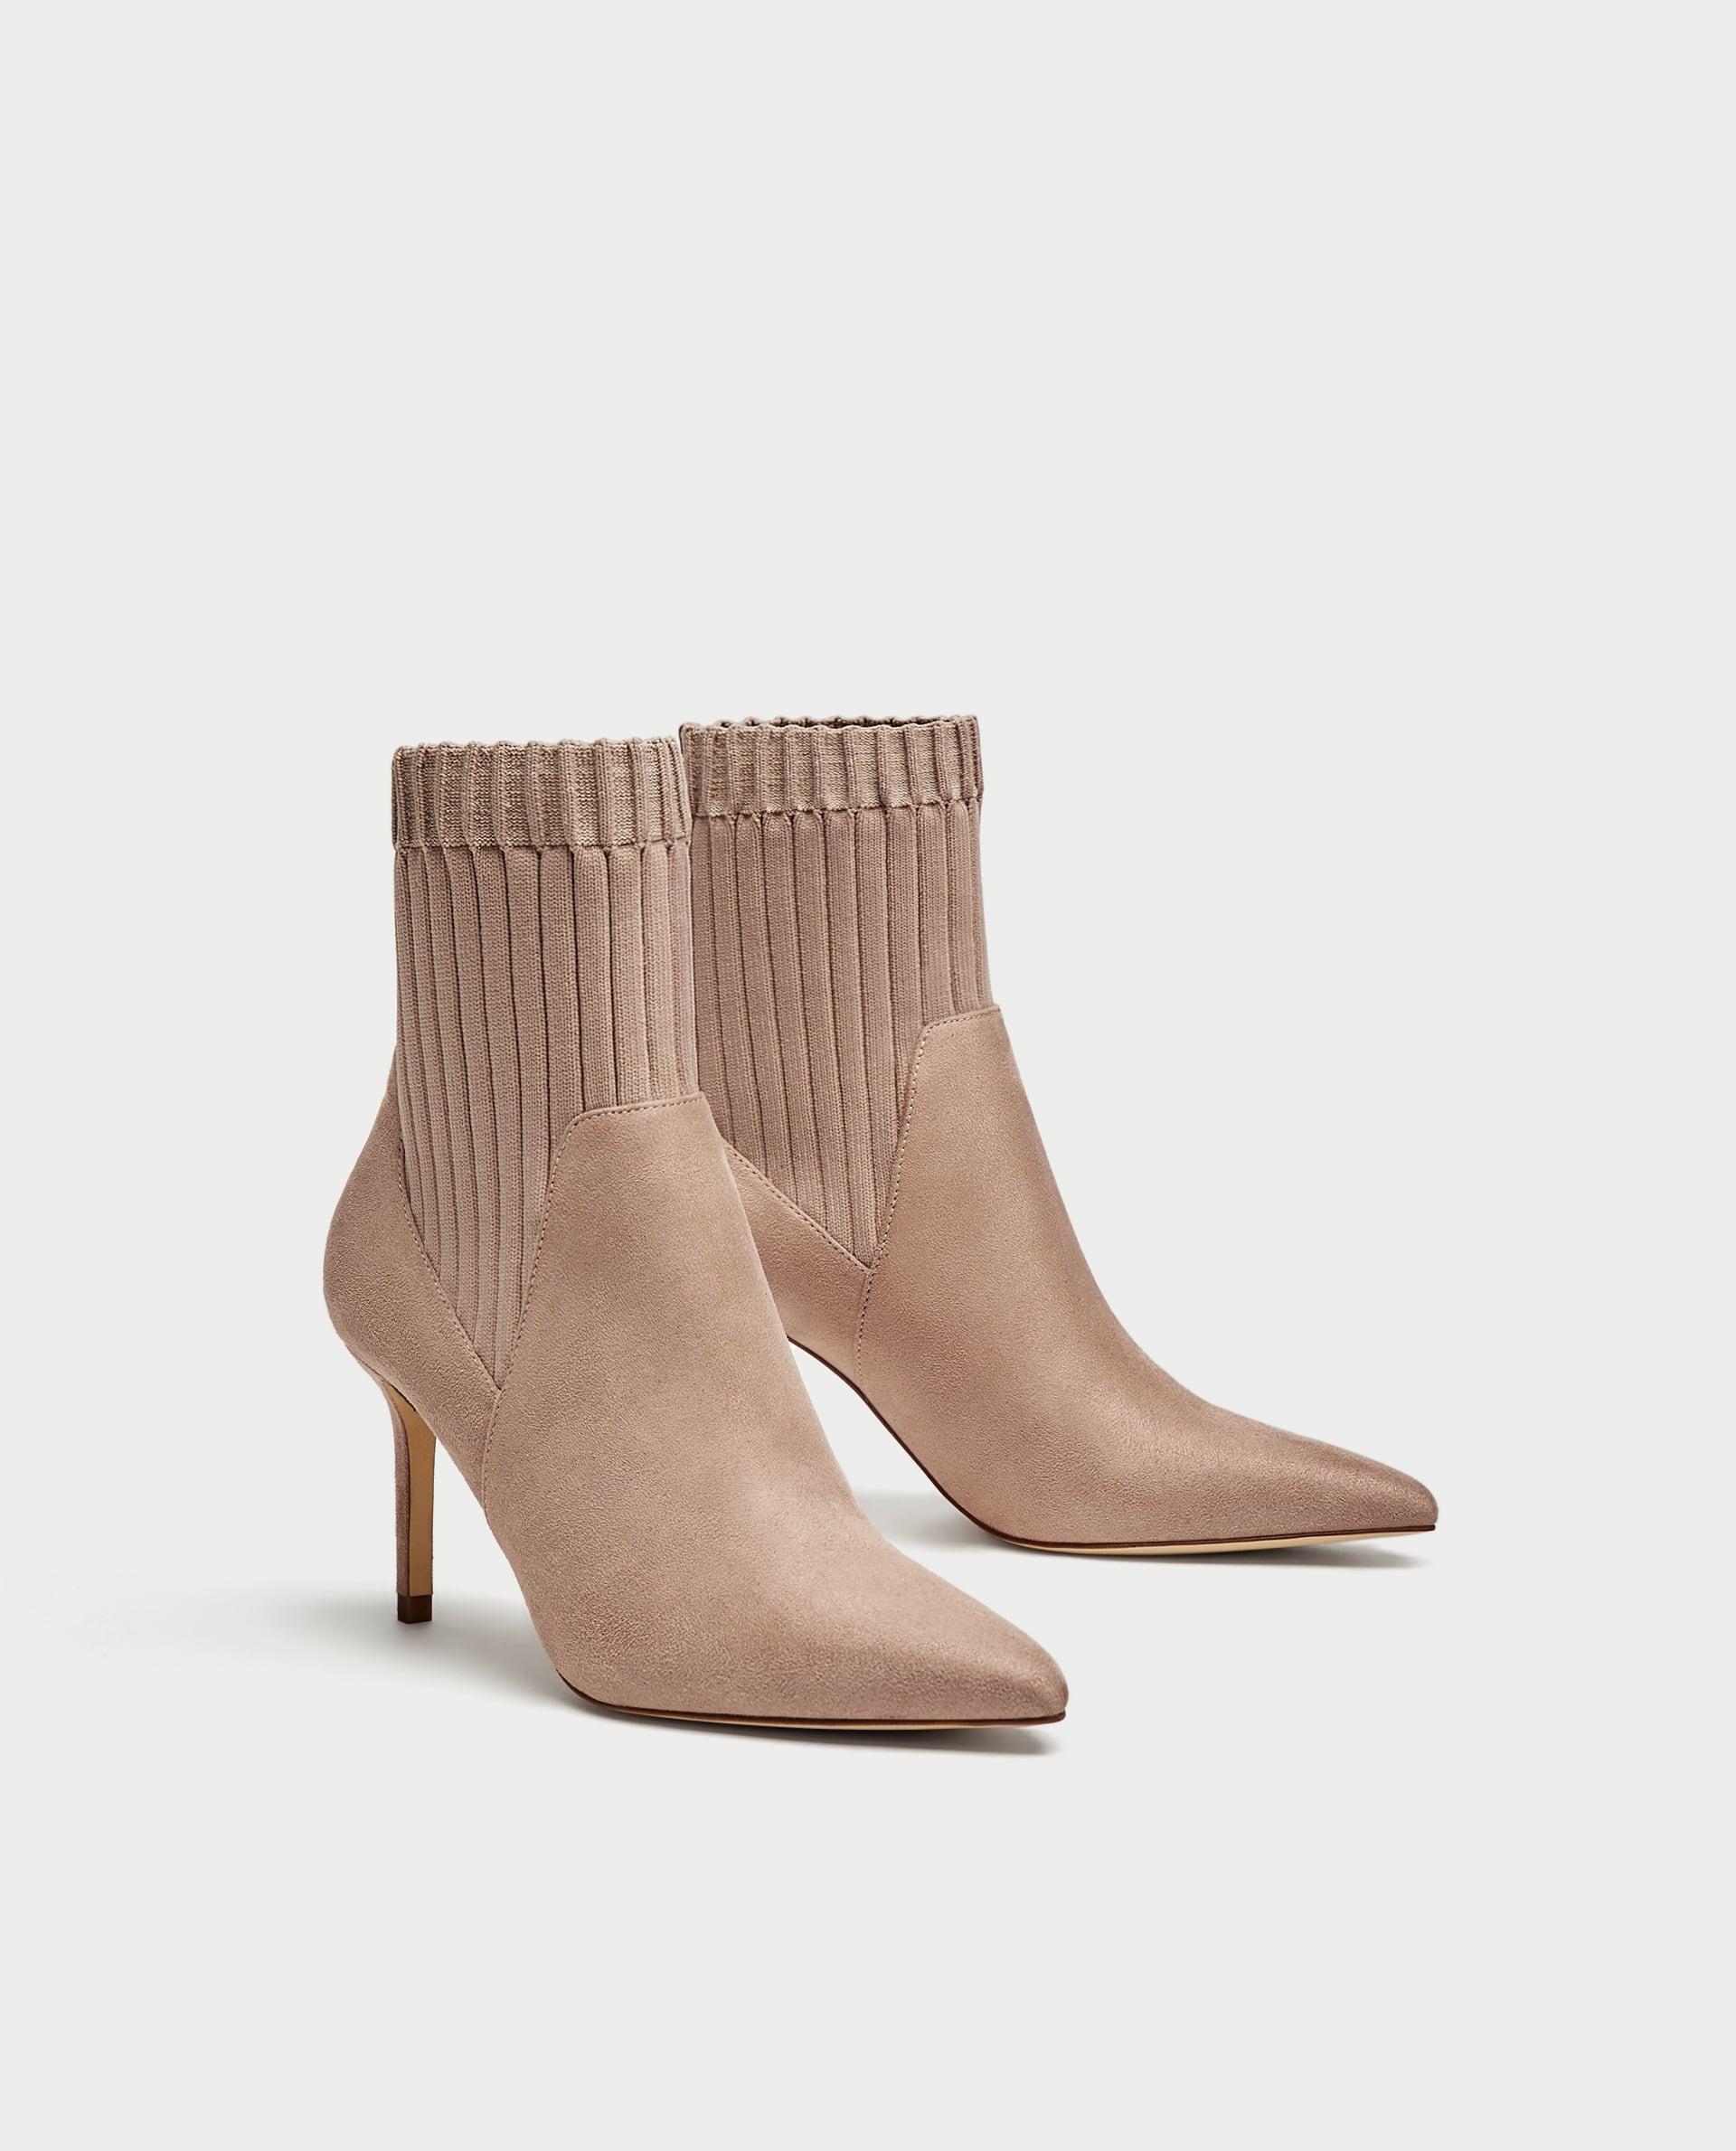 stivaletti zara - Shoeplay Fashion blog di scarpe da donna a079fbba829